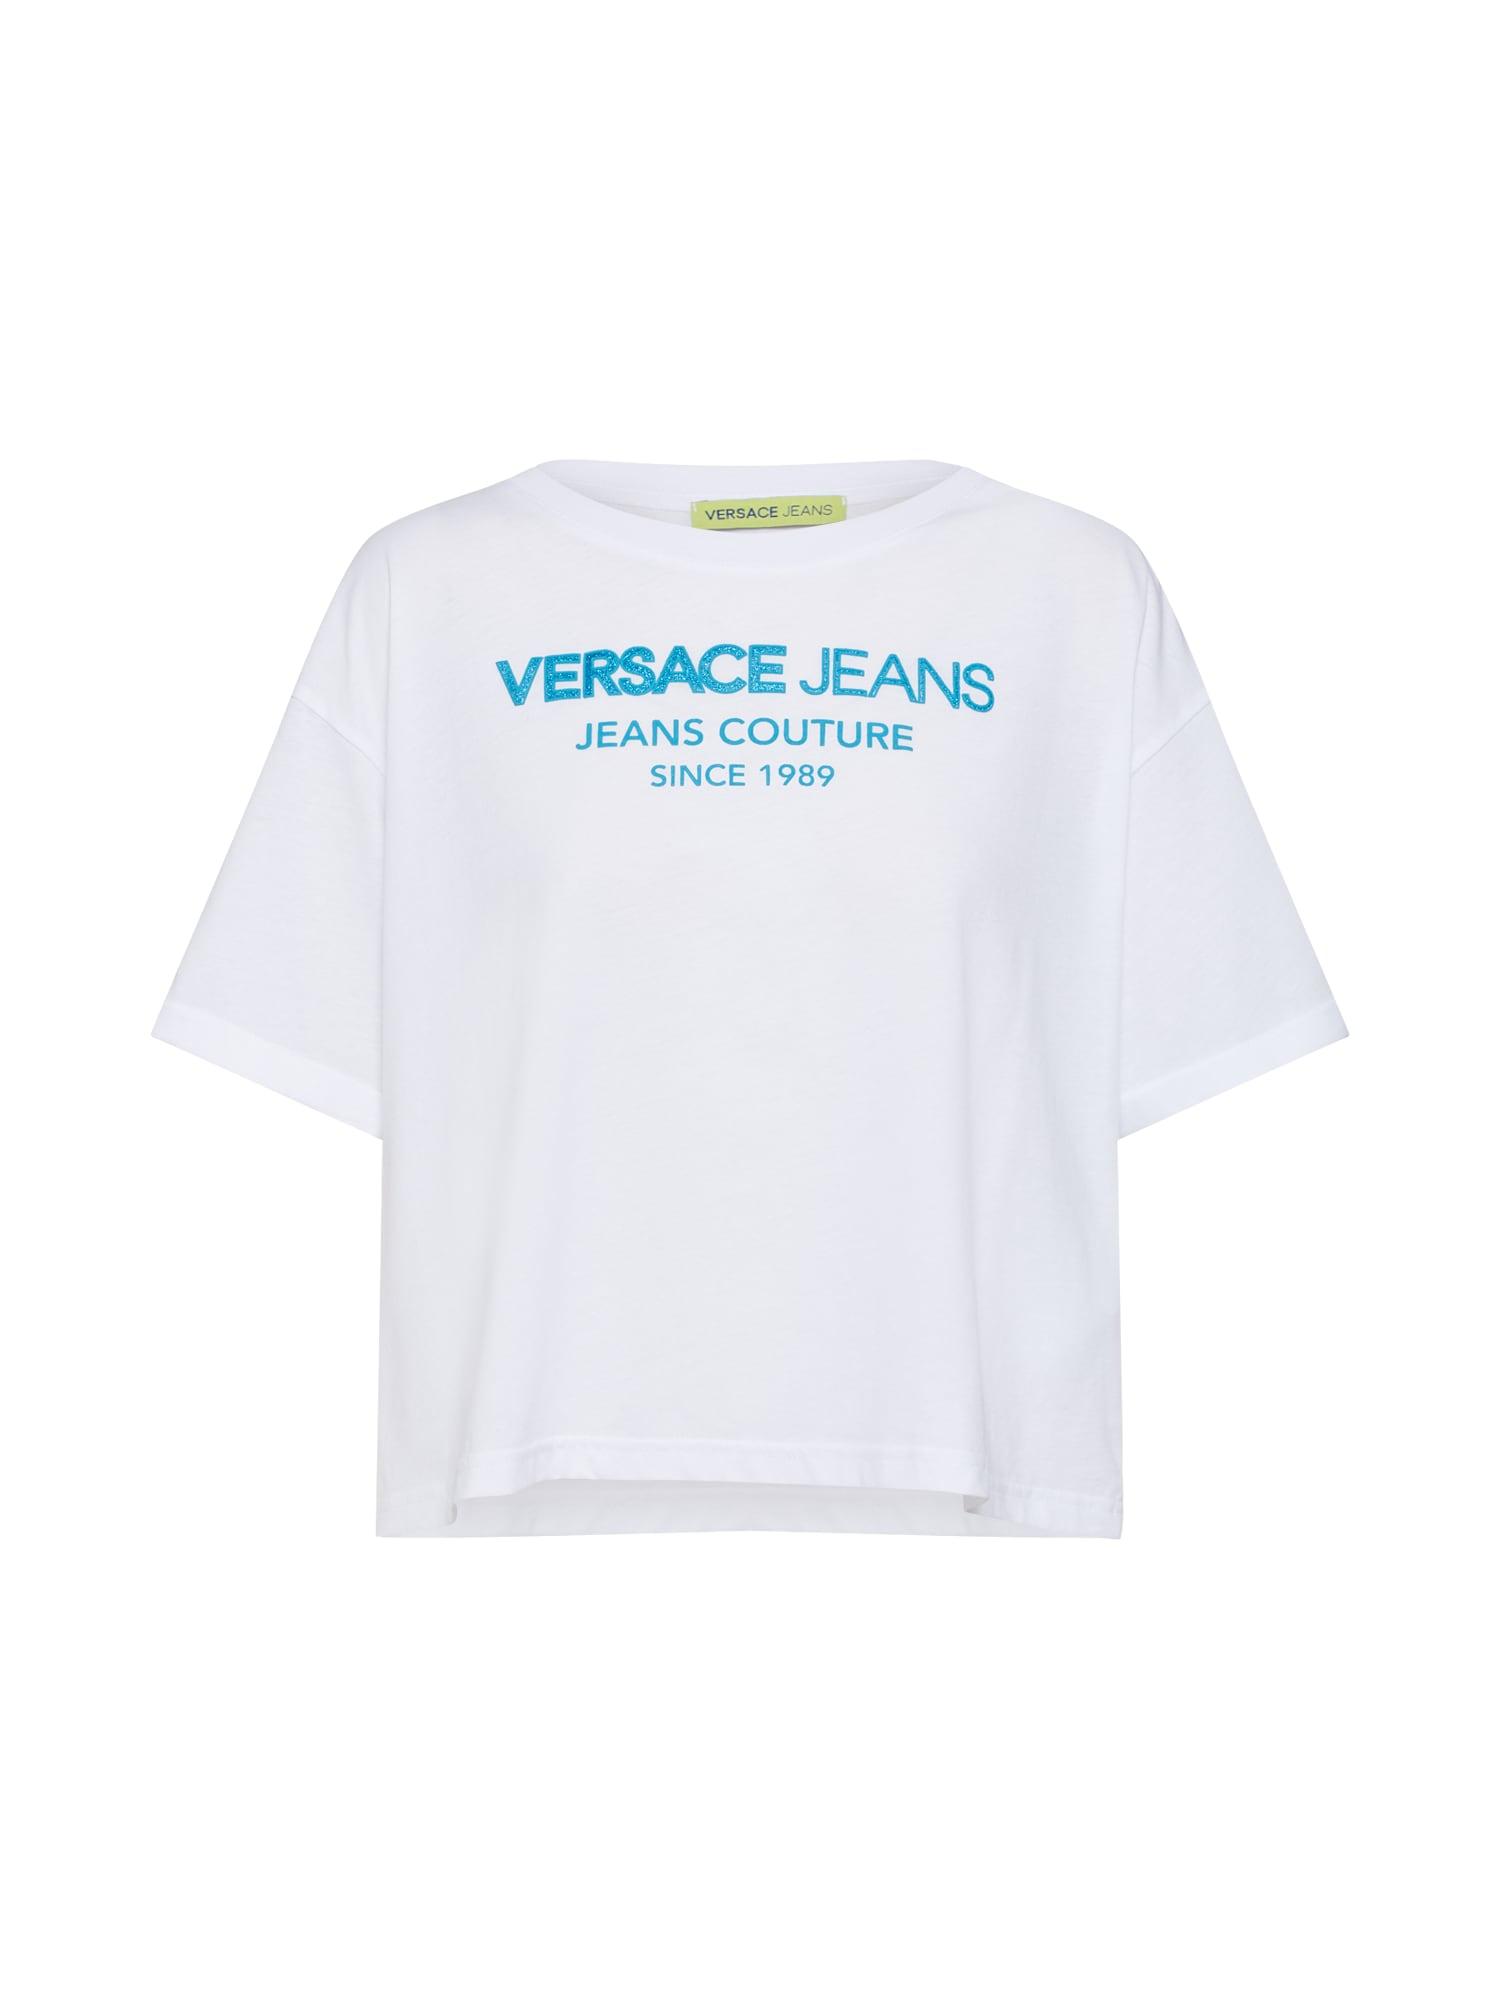 Tričko TDM606 16 bílá Versace Jeans